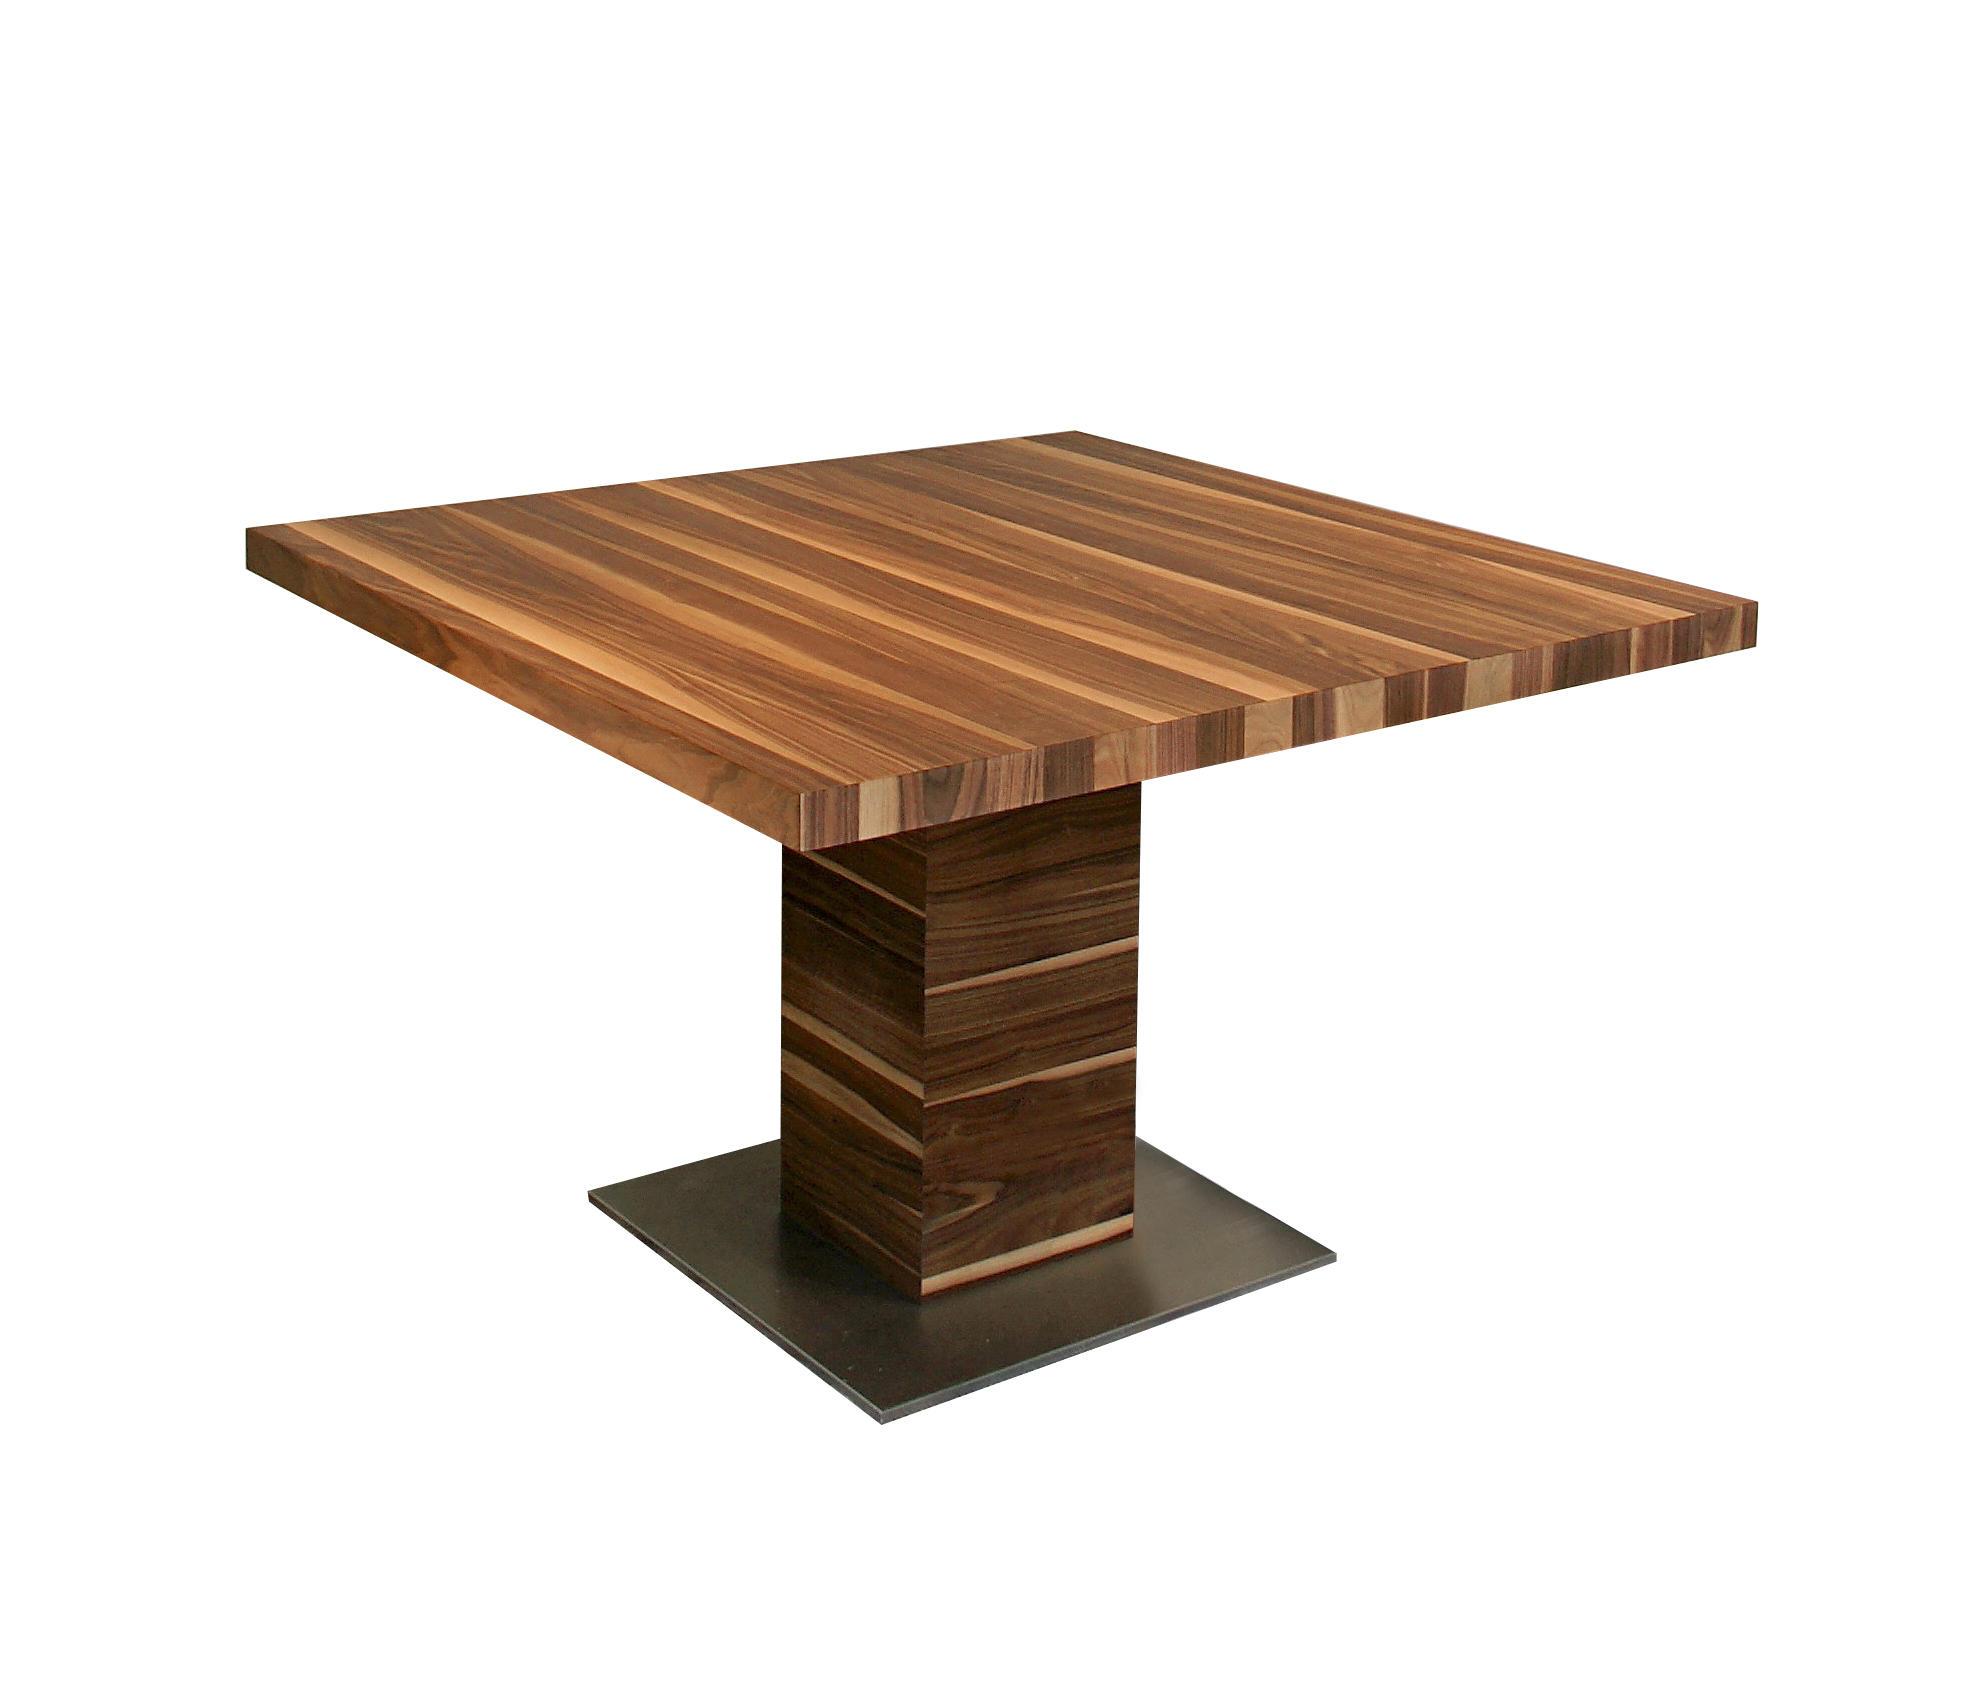 scala 28 esstische von schulte design architonic. Black Bedroom Furniture Sets. Home Design Ideas